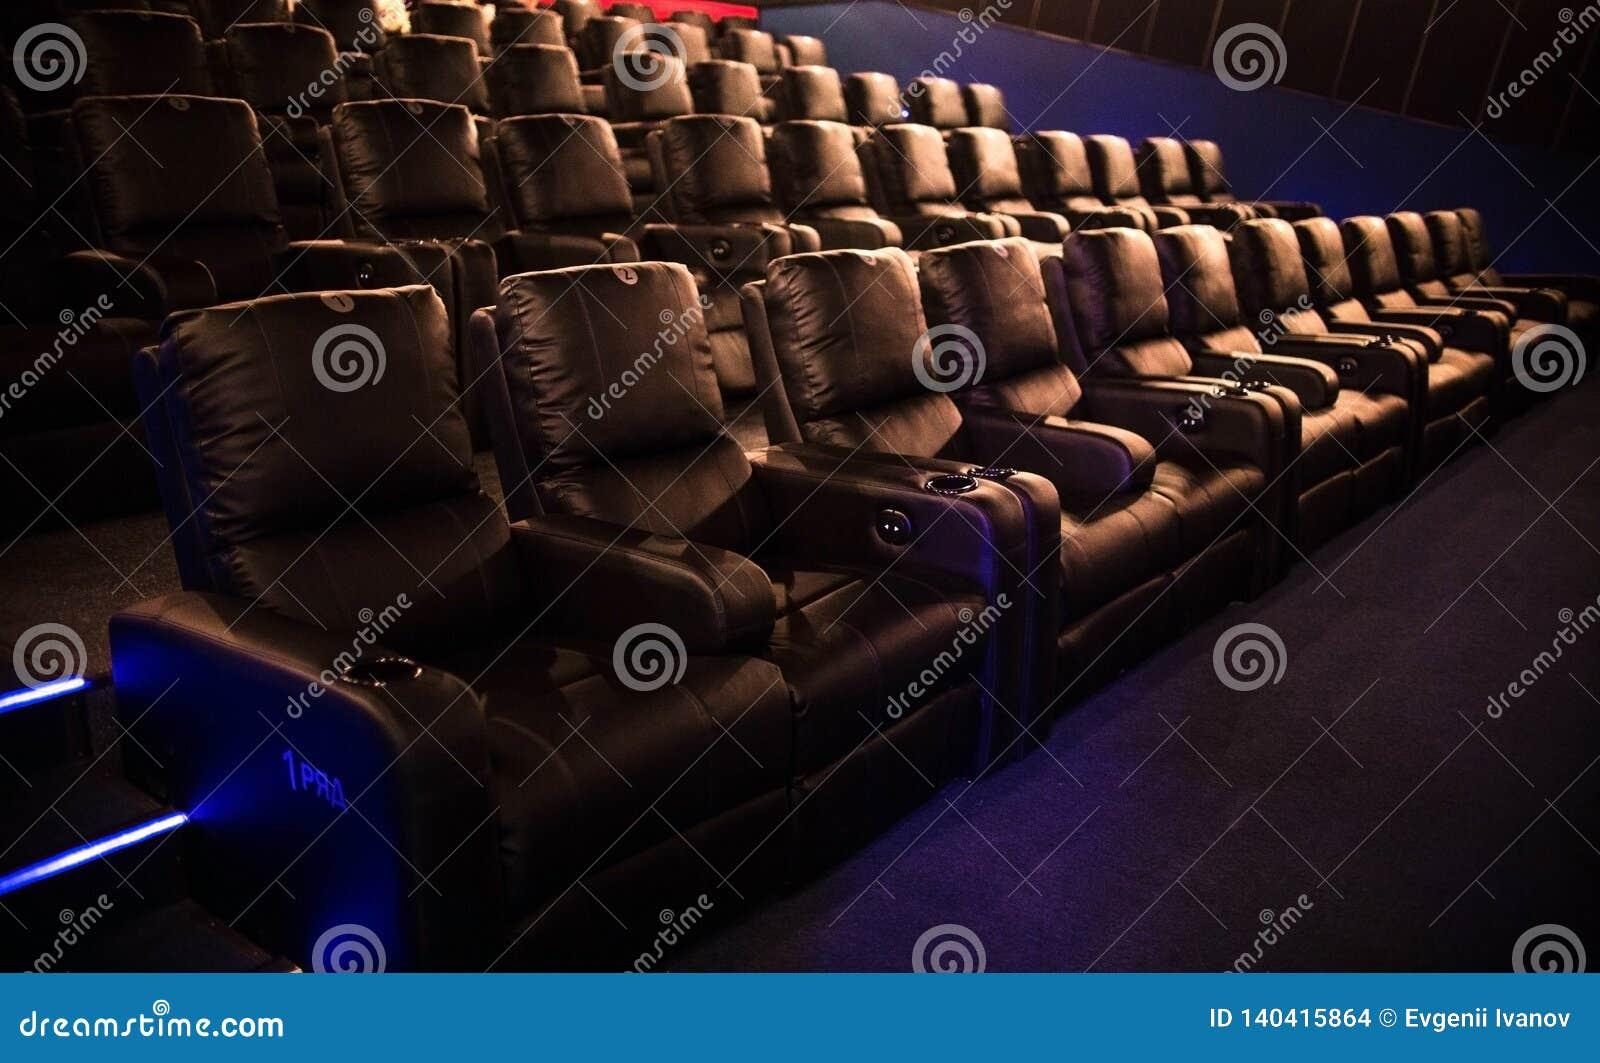 Pusty kino, kino z miękkich części krzesłami przed premiera film Tam no są żadny ludzie w kinie Ślizgowy automatyczny comfor